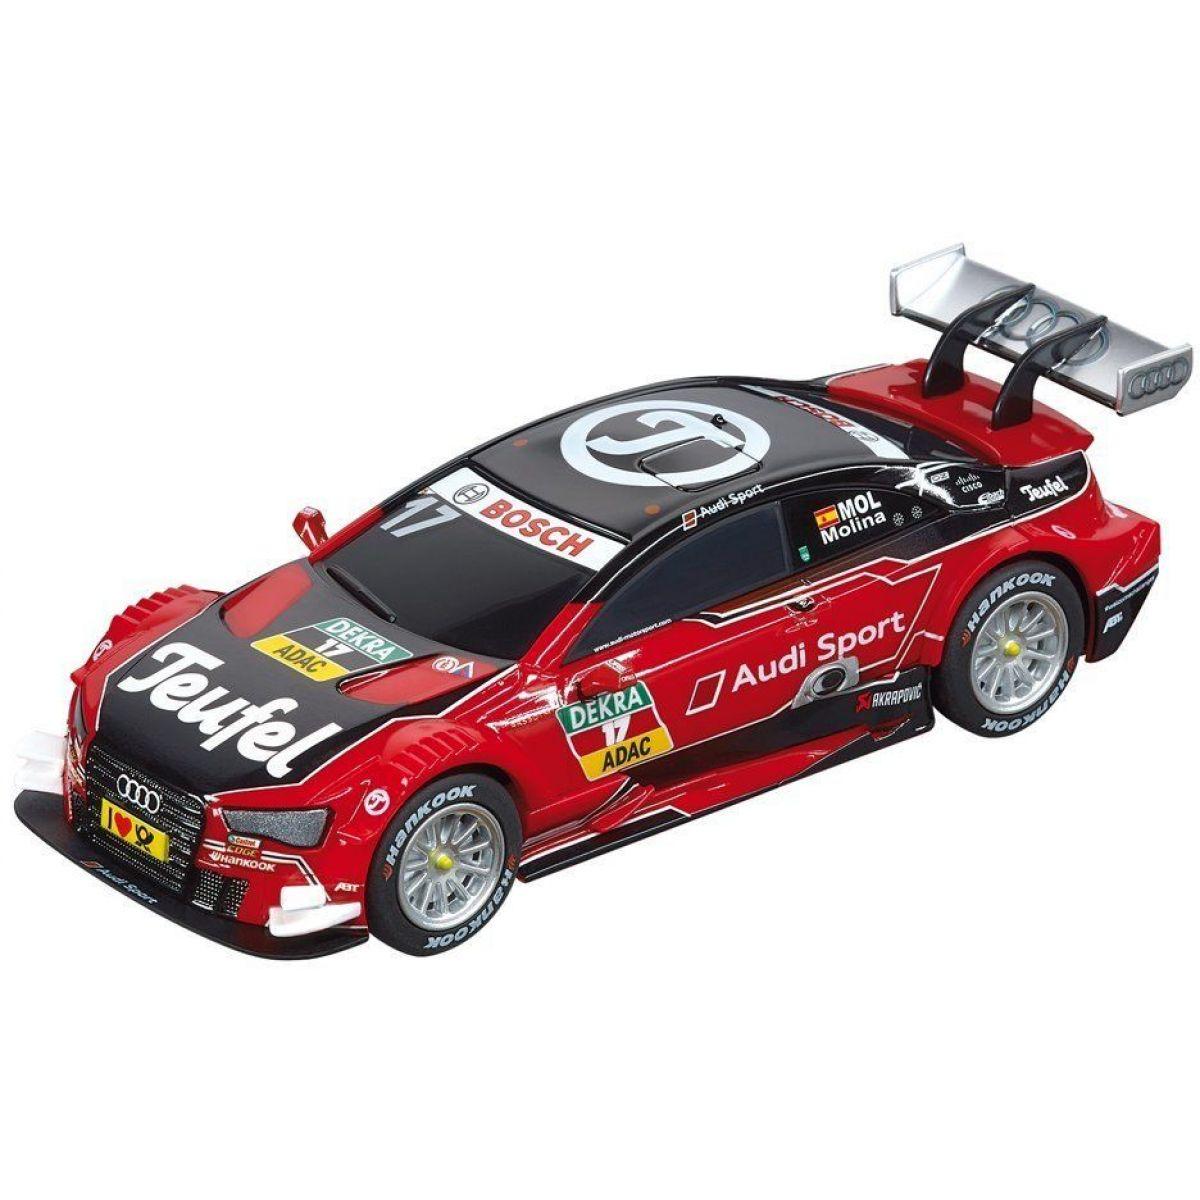 Carrera Go Audi RS 5 DTM Teufel